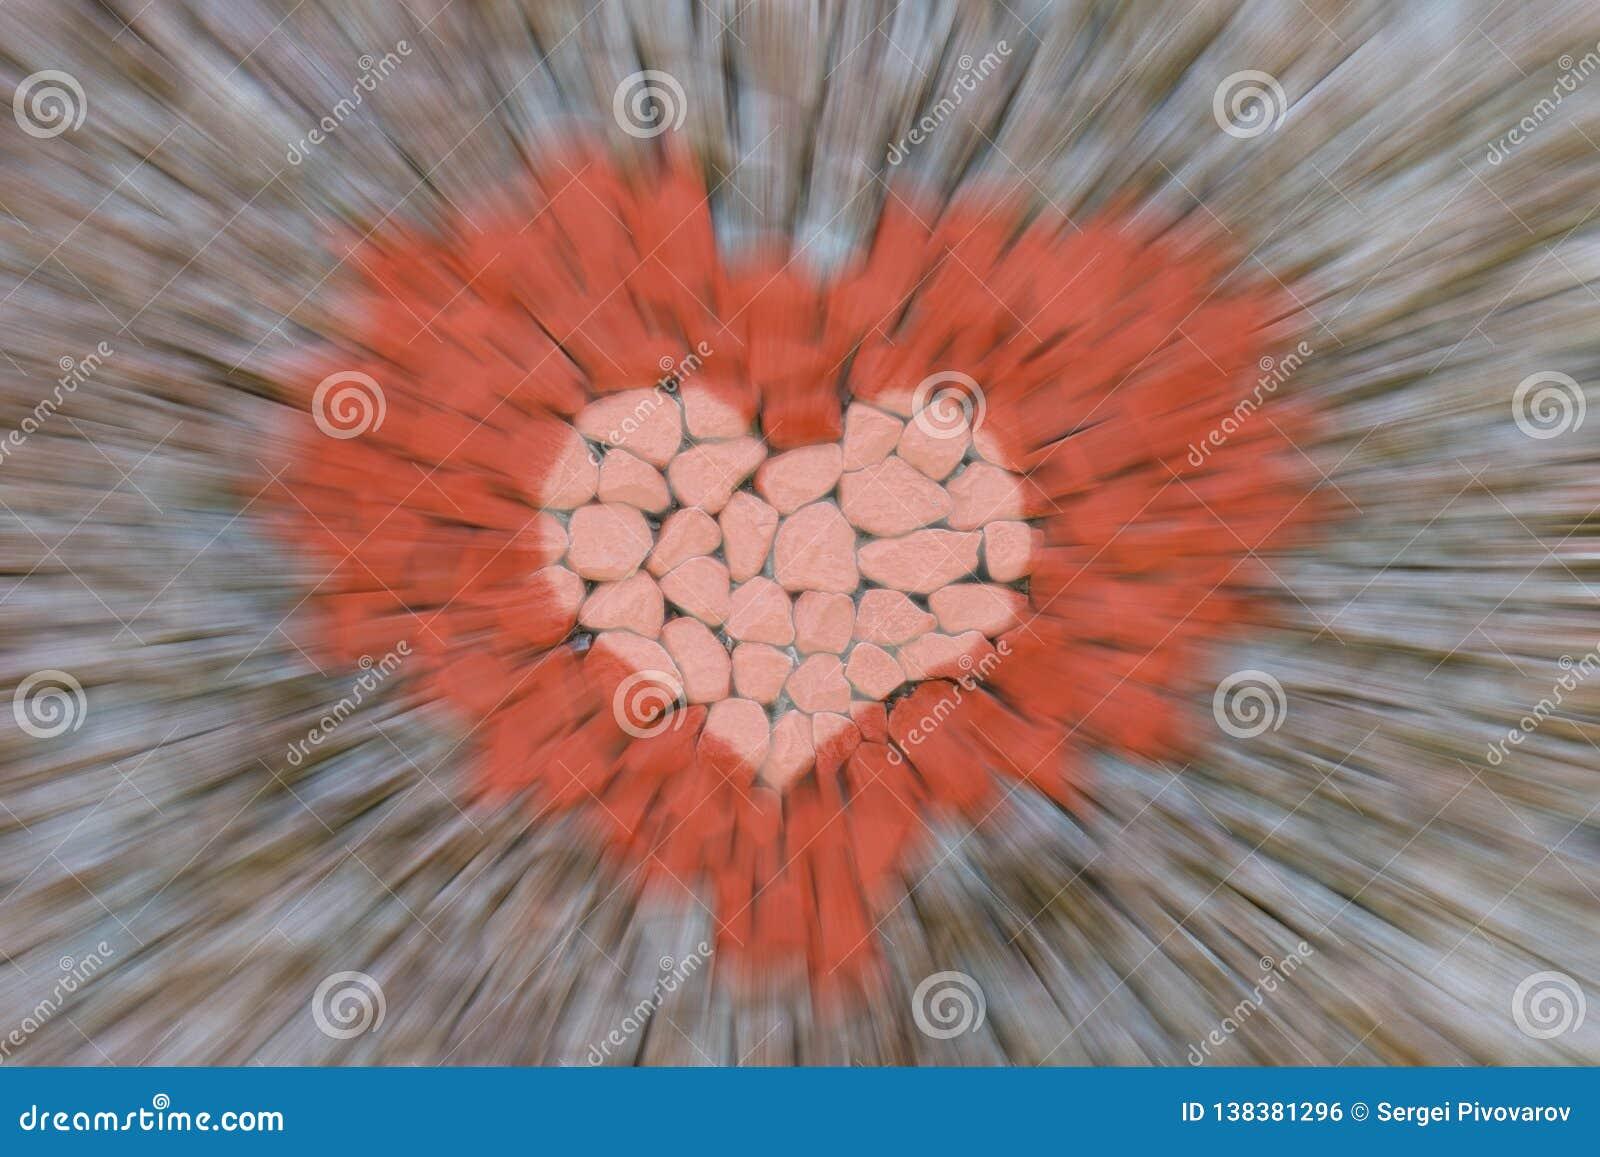 Lignes abstraites de tache floue de mouvement d accélération de fond approchant rapidement le symbole rouge d image de la pierre